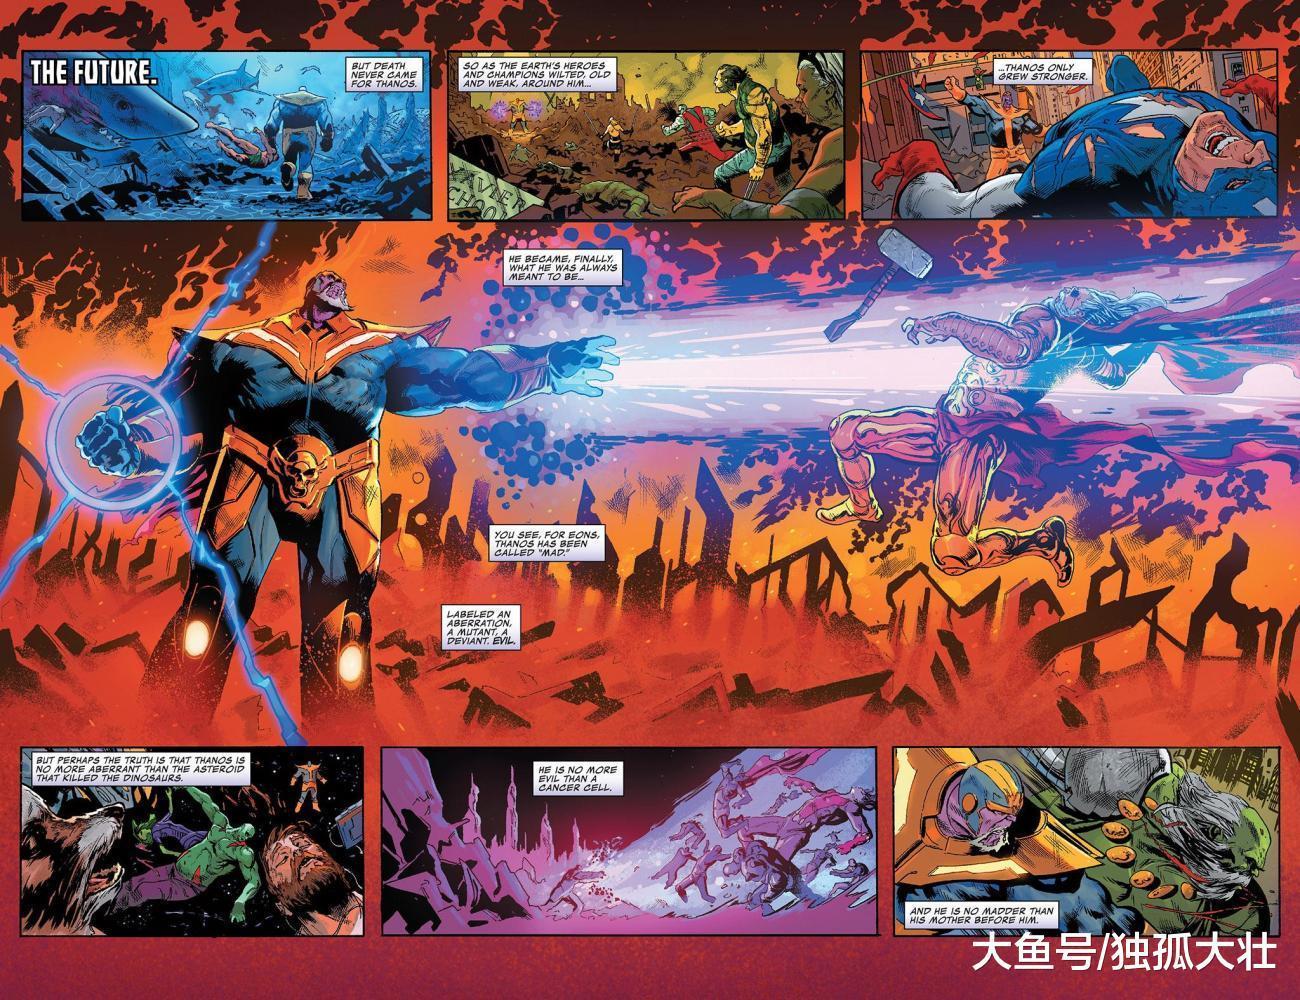 雷神托尔和灭霸的战力对比, 老年雷神为何不是老年灭霸的对手?